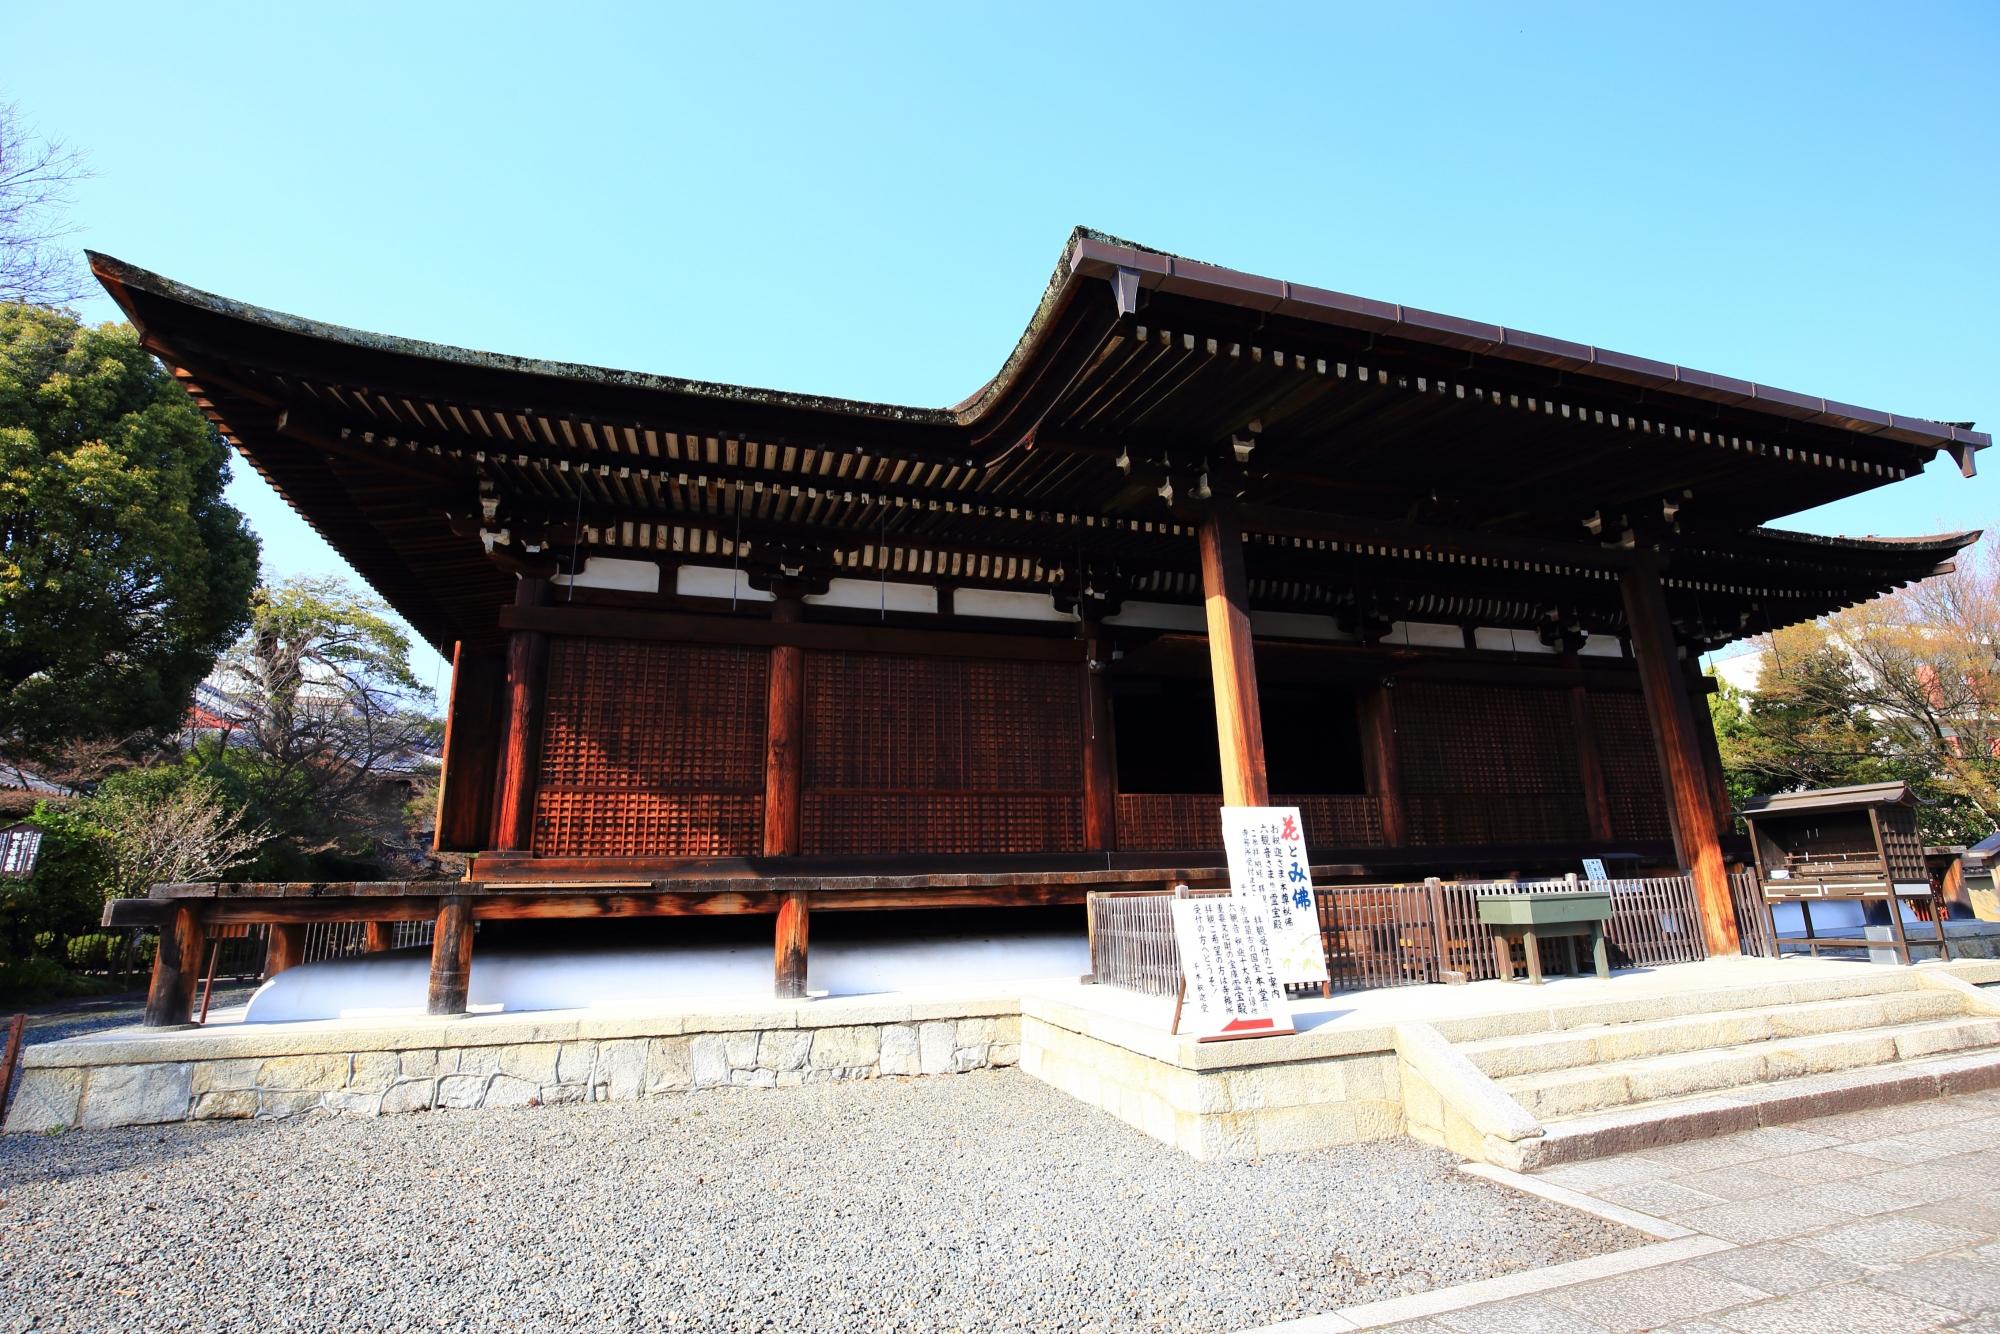 京都市街地で現存する最古の木造建築とされる千本釈迦堂の本堂